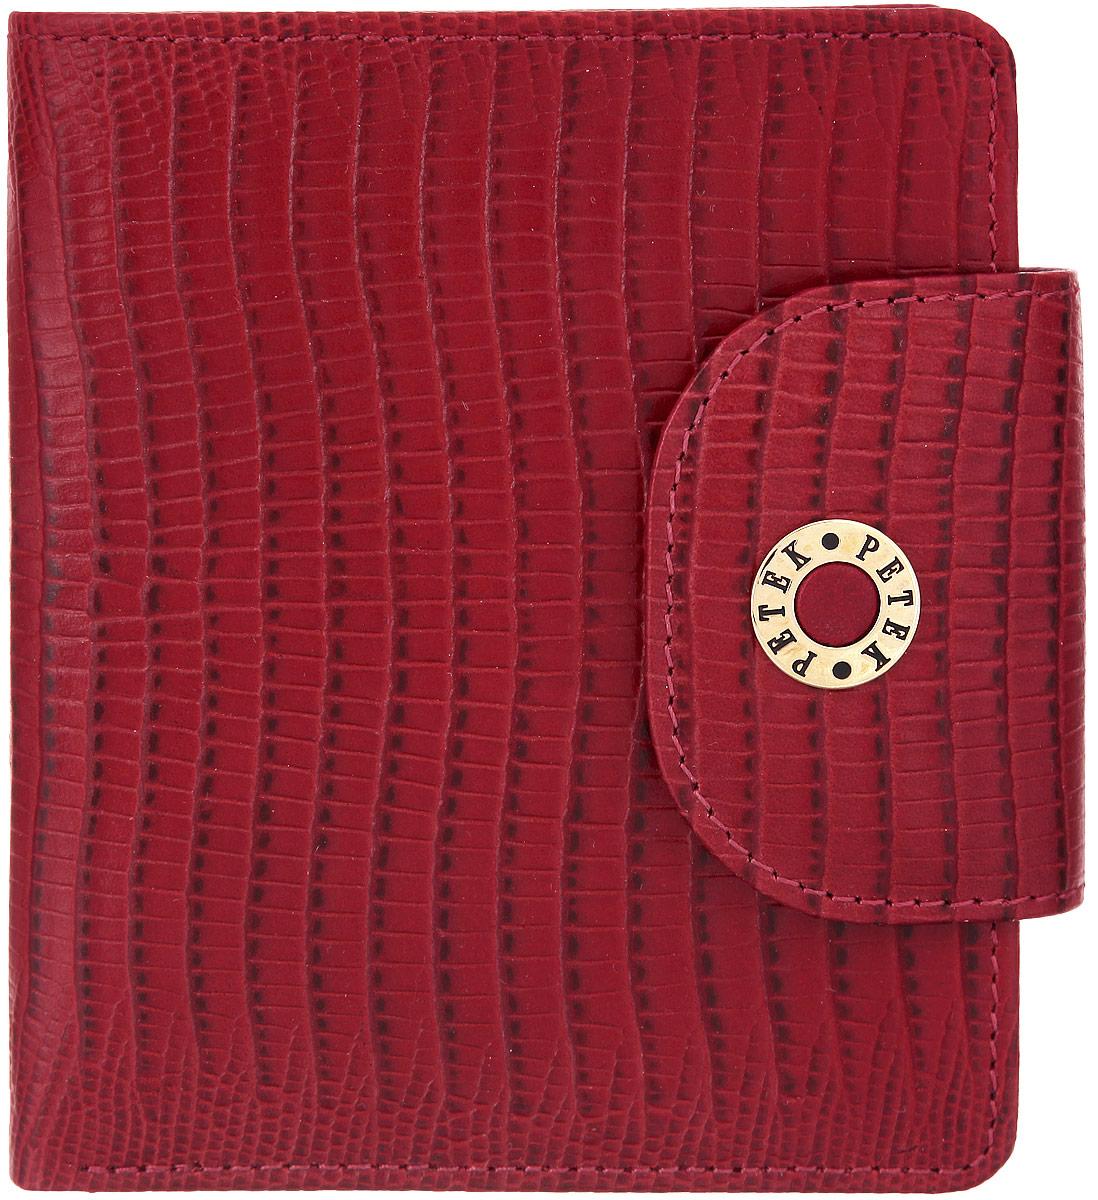 Портмоне женское Petek 1855, цвет: красный. 346.041.10346.041.10 RedСтильное женское портмоне Petek 1855 изготовлено из натуральной кожи с тиснением под рептилию. Портмоне закрывается на широкий хлястик с кнопкой. Внутри находятся два отделения для купюр, четыре кармашка для визиток и пластиковых карт, боковой карман, вертикальный карман, два потайных кармашка и карман на кнопке для мелочи. Портмоне упаковано в фирменную коробку. Такое портмоне станет замечательным подарком человеку, ценящему качественные и практичные вещи.